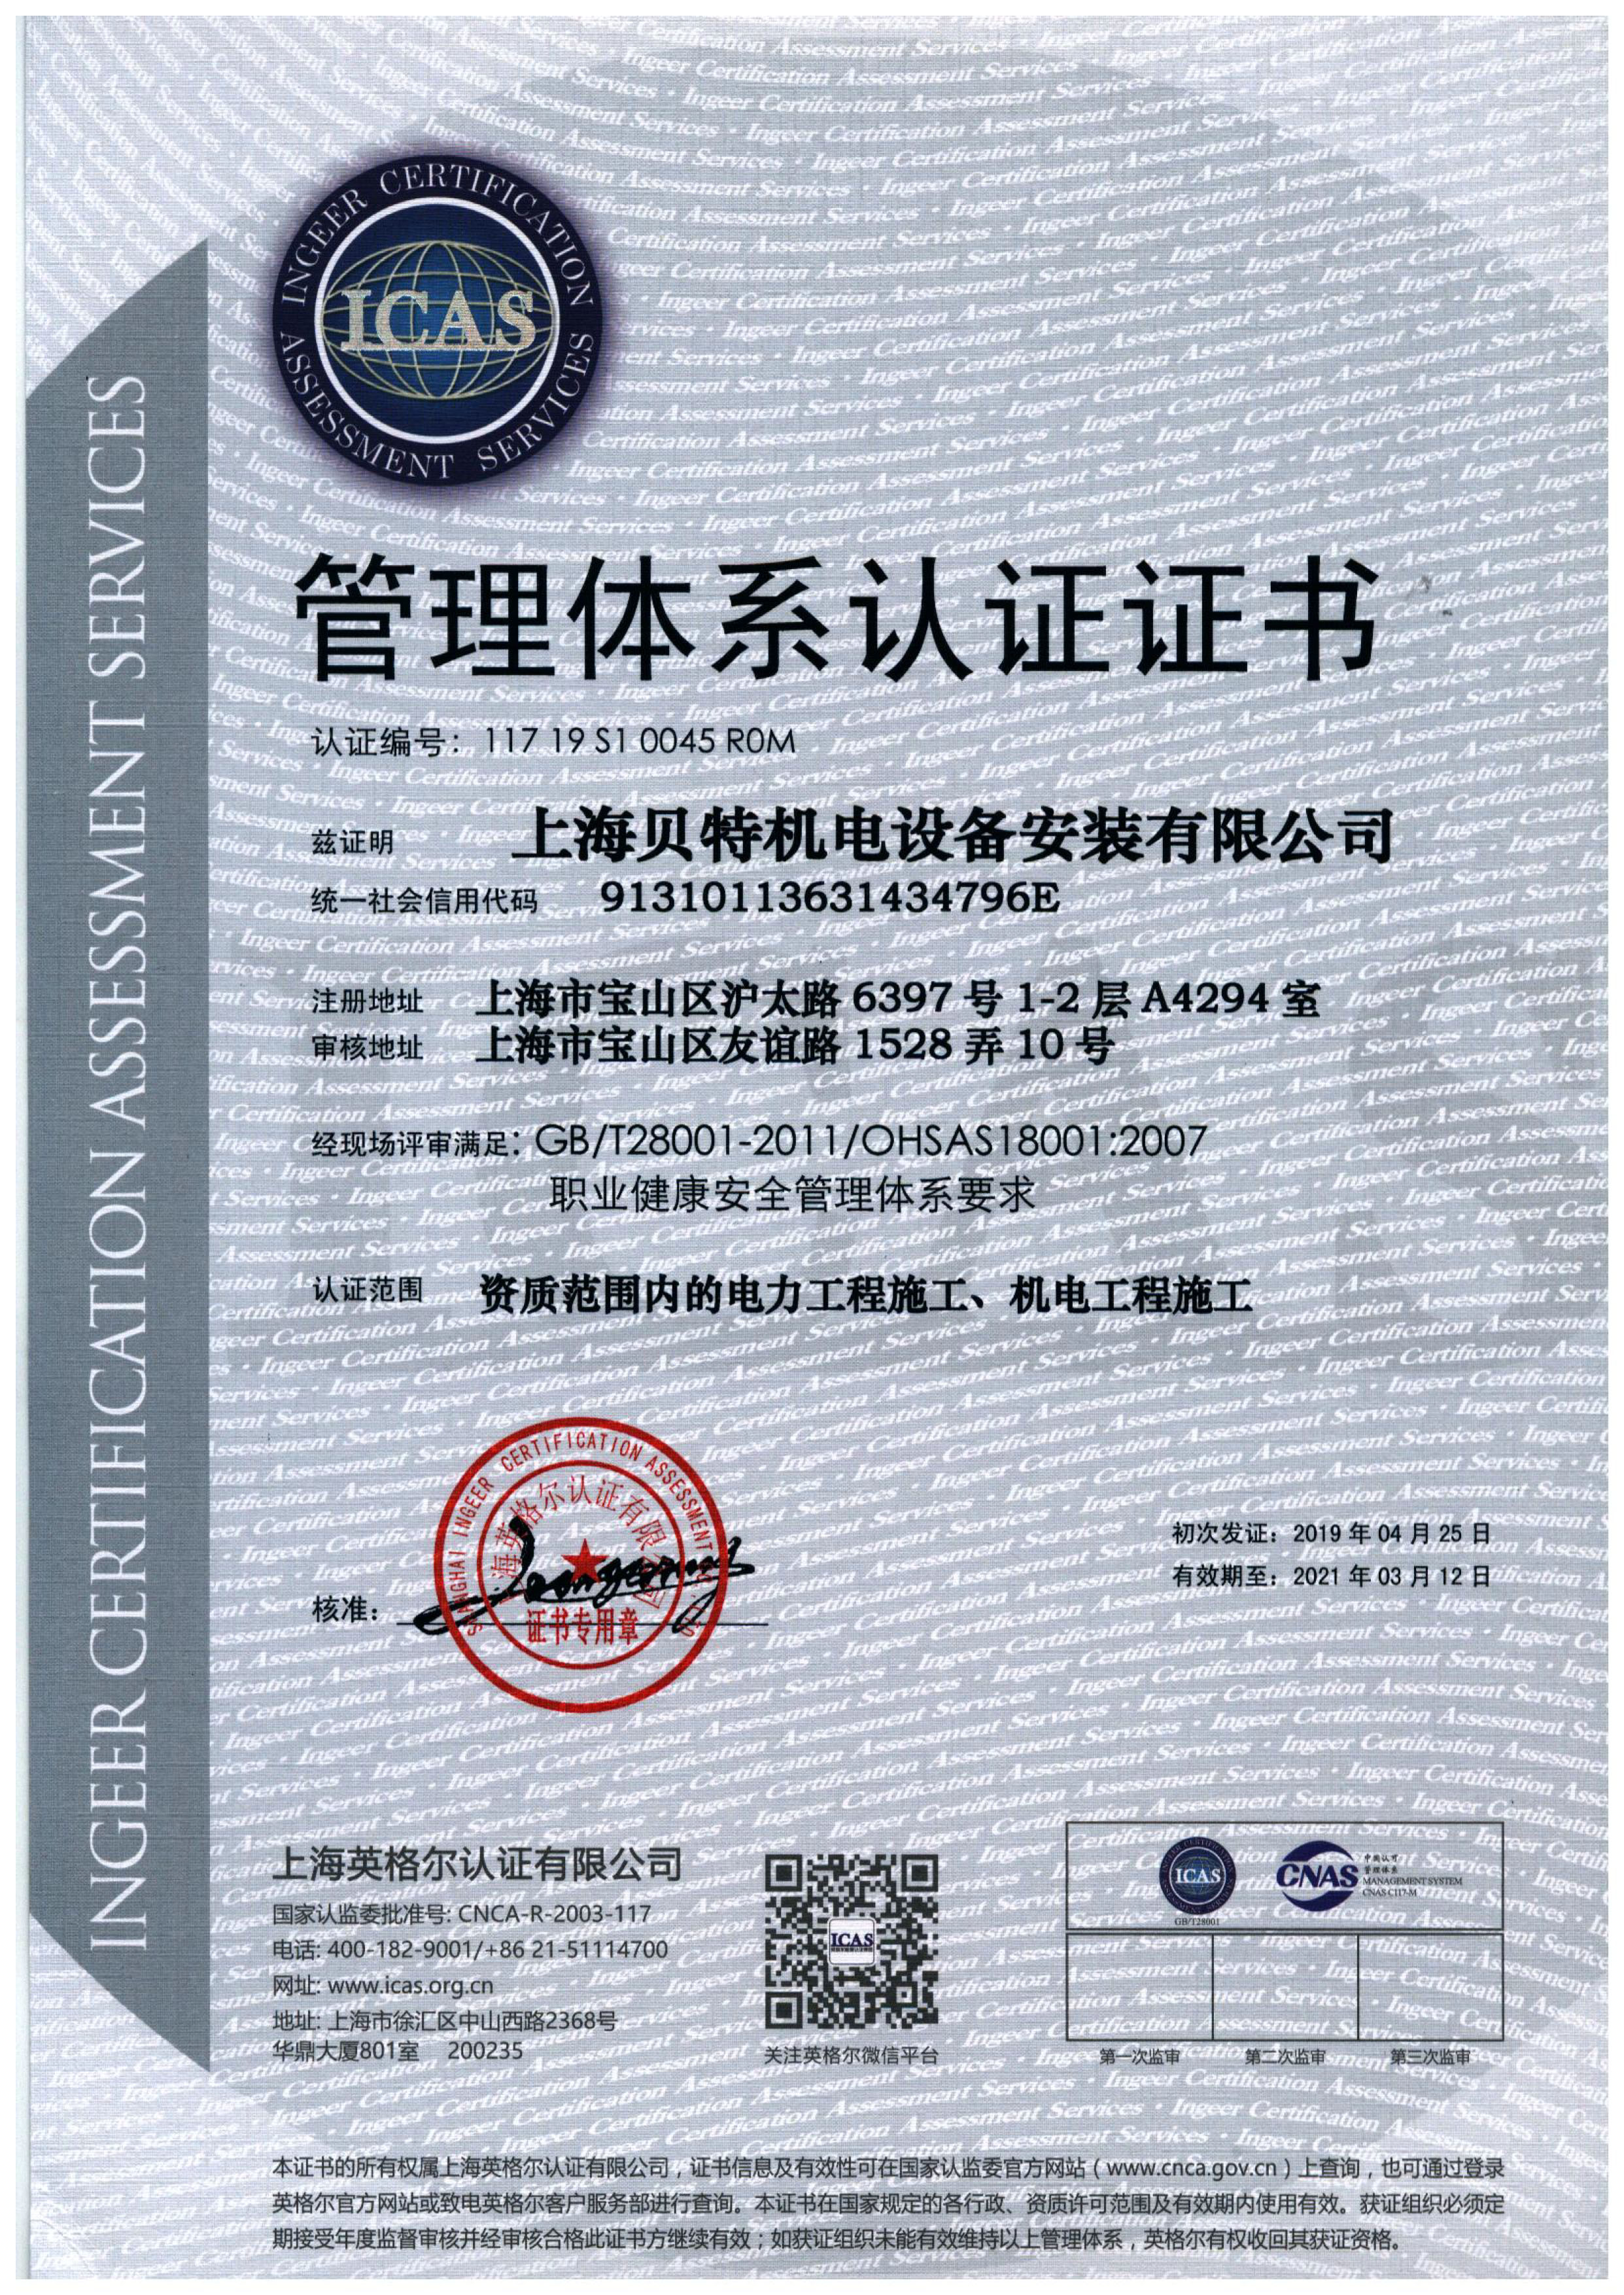 管理体系证书-职业健康安全-1